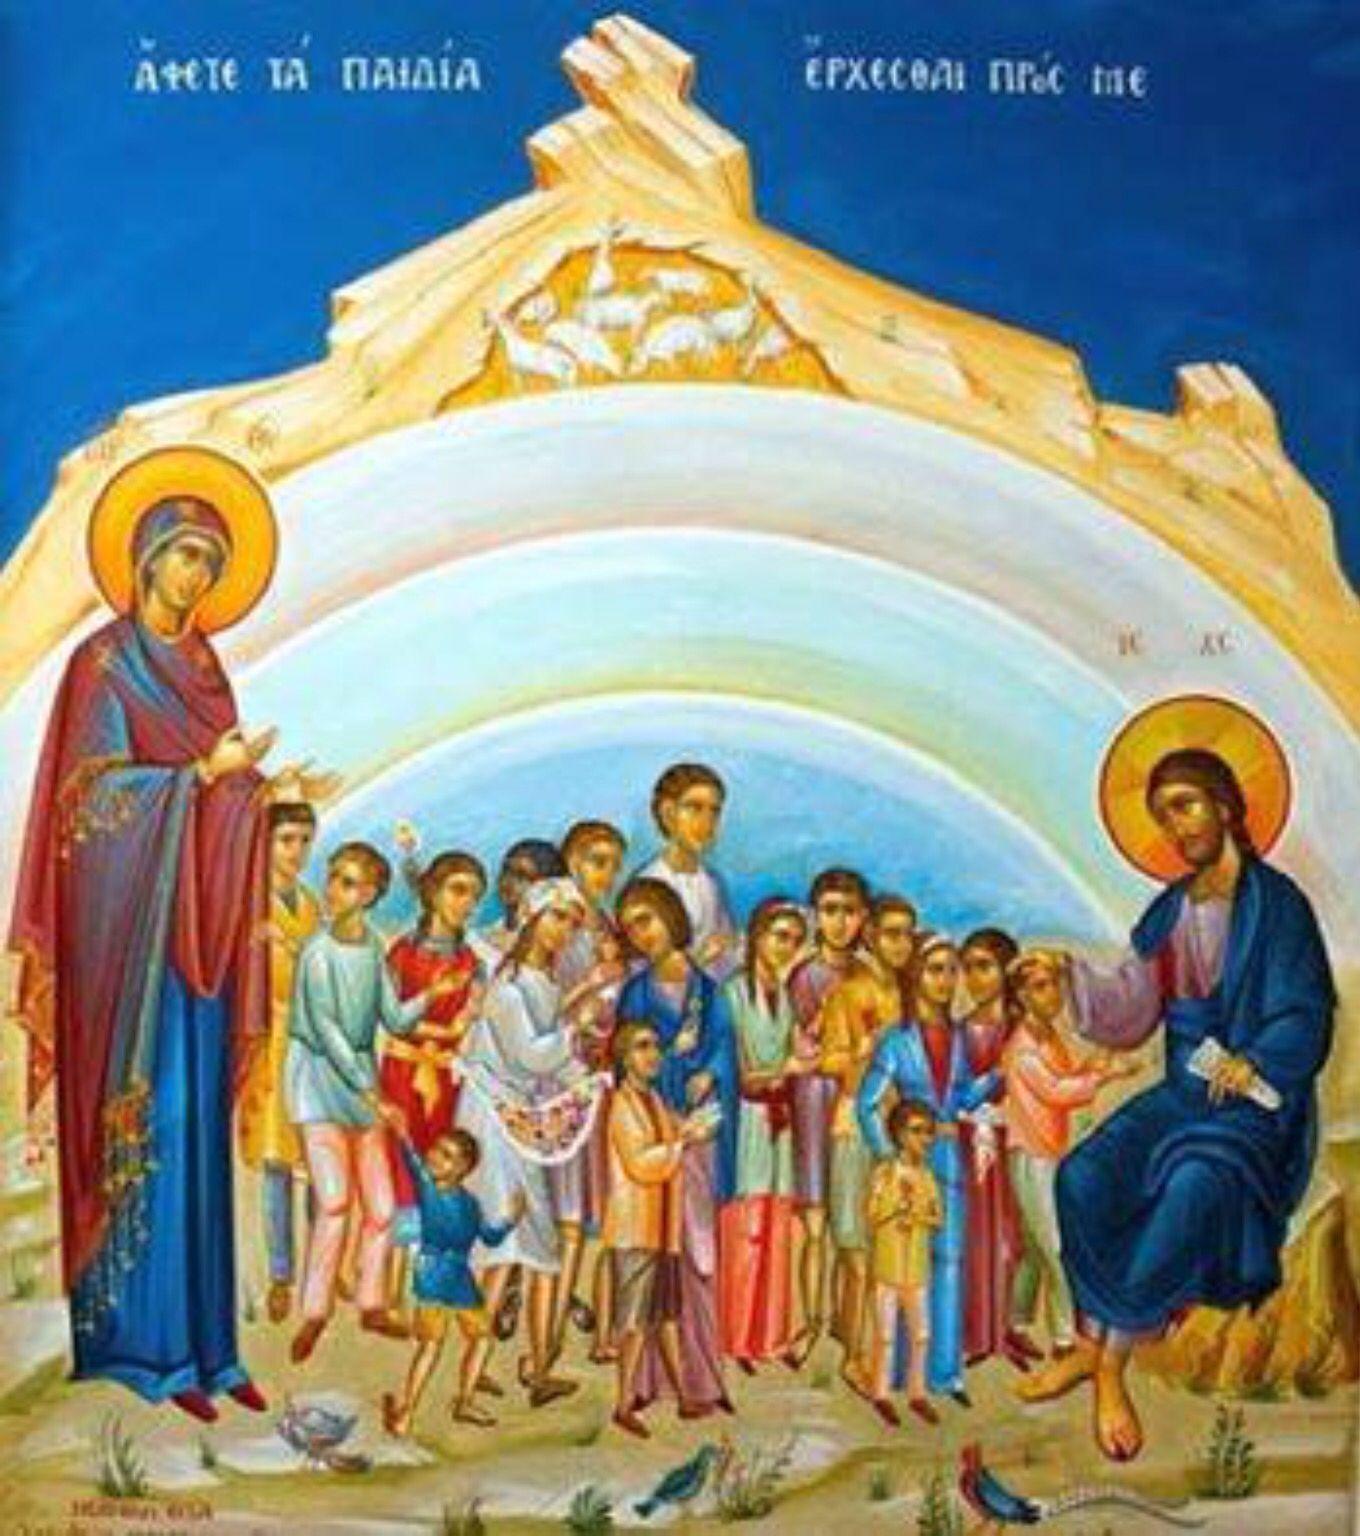 السيد المسيح والداته العذراء مع أبناء الكنيسه أيقونات pinterest